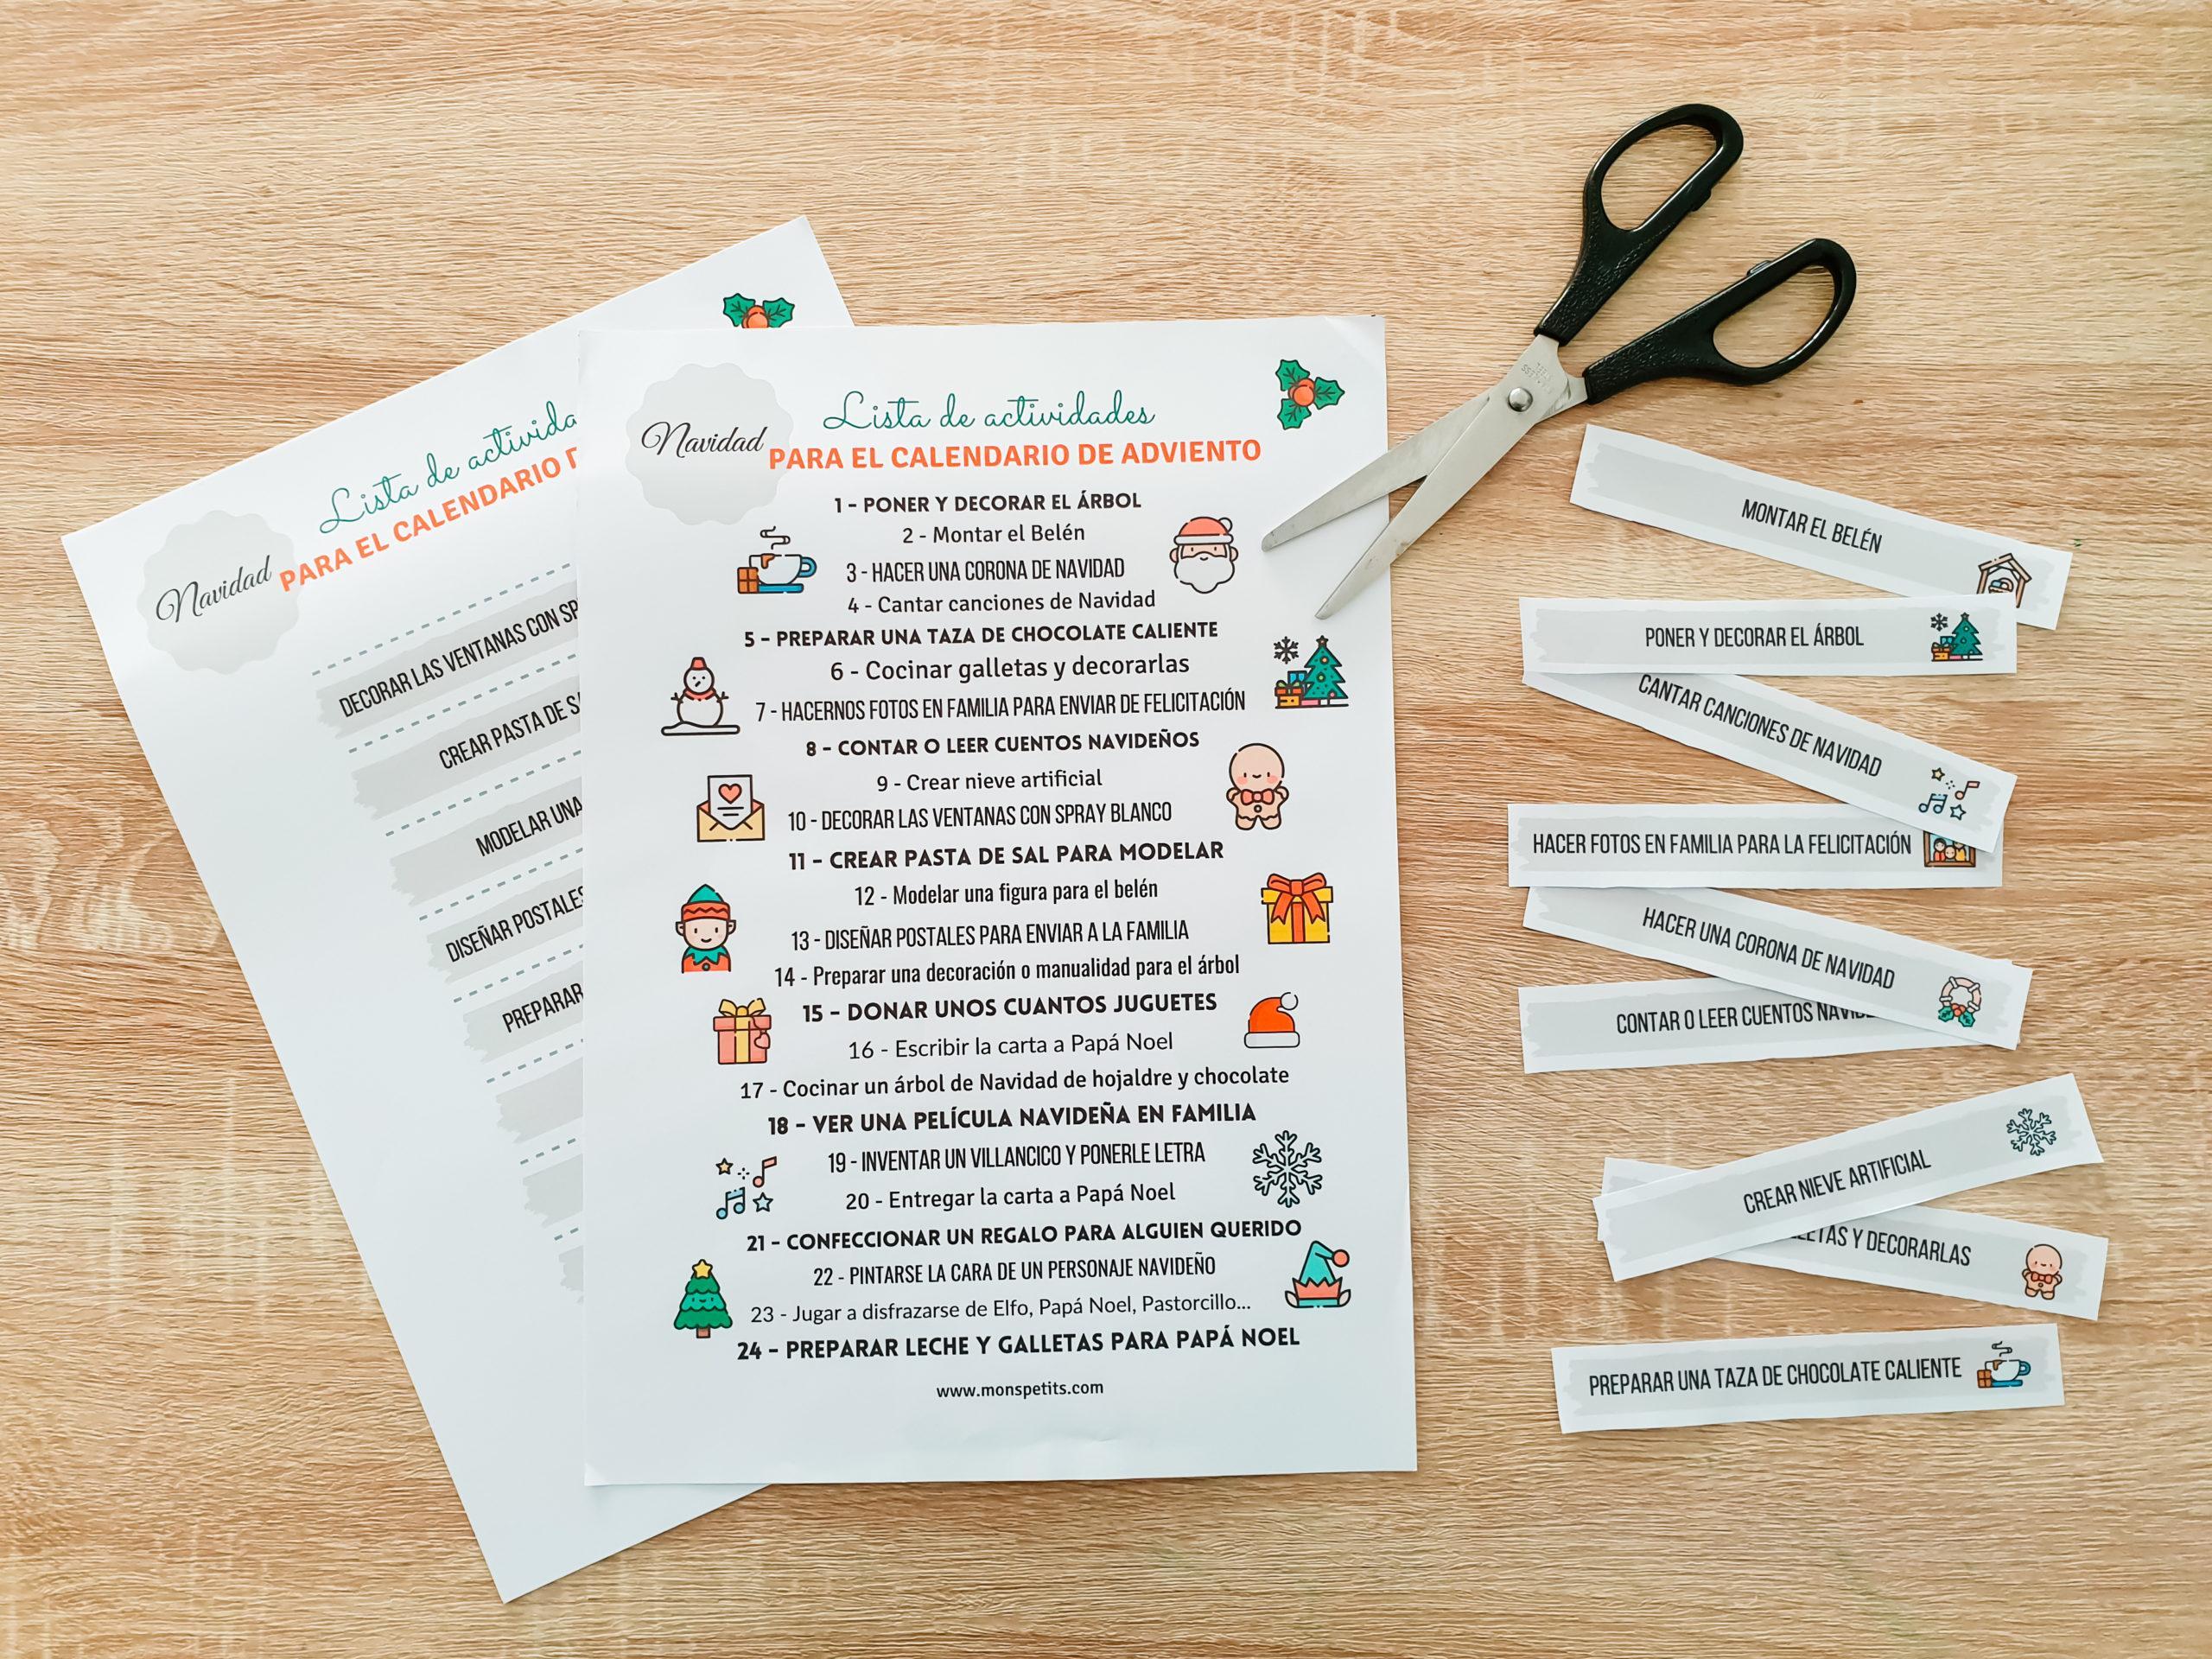 Calendario de Adviento - Ideas de actividades en casa - DIY Homemade - Advent Calendar ideas - Navidad Christmas